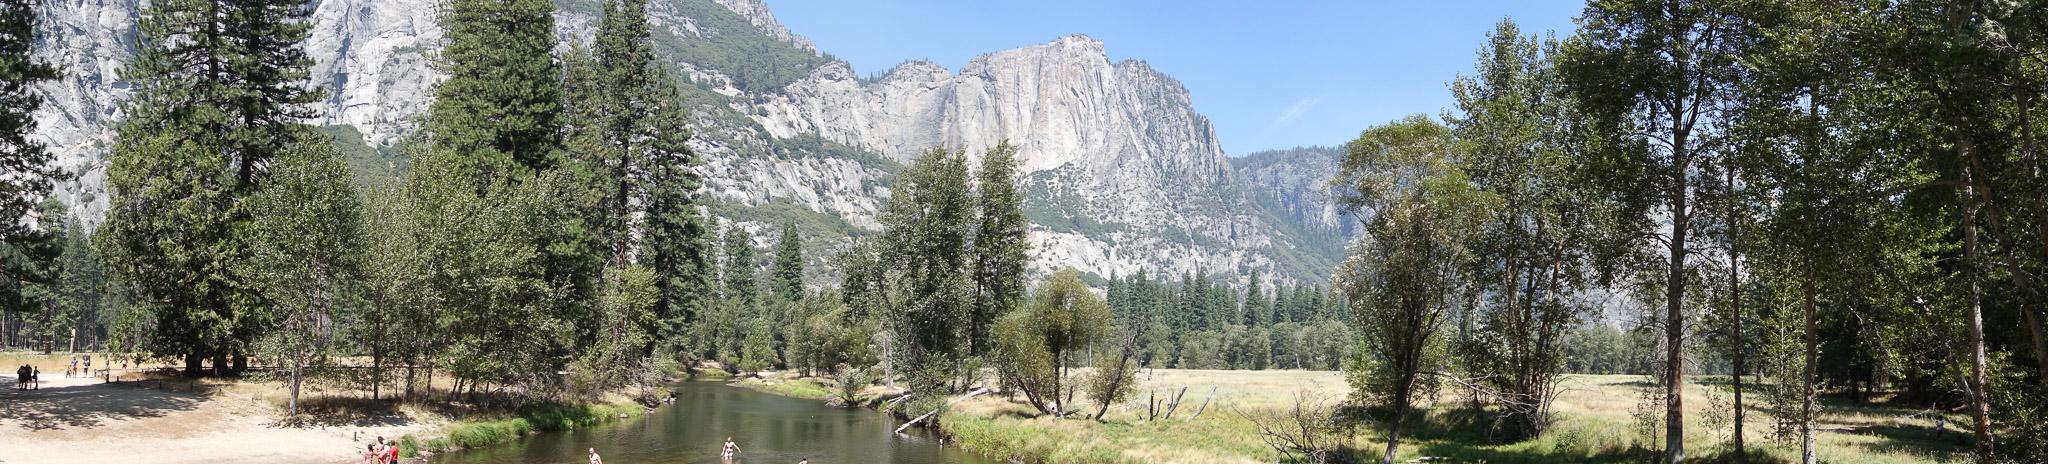 Yosemite-2015-01300.jpg